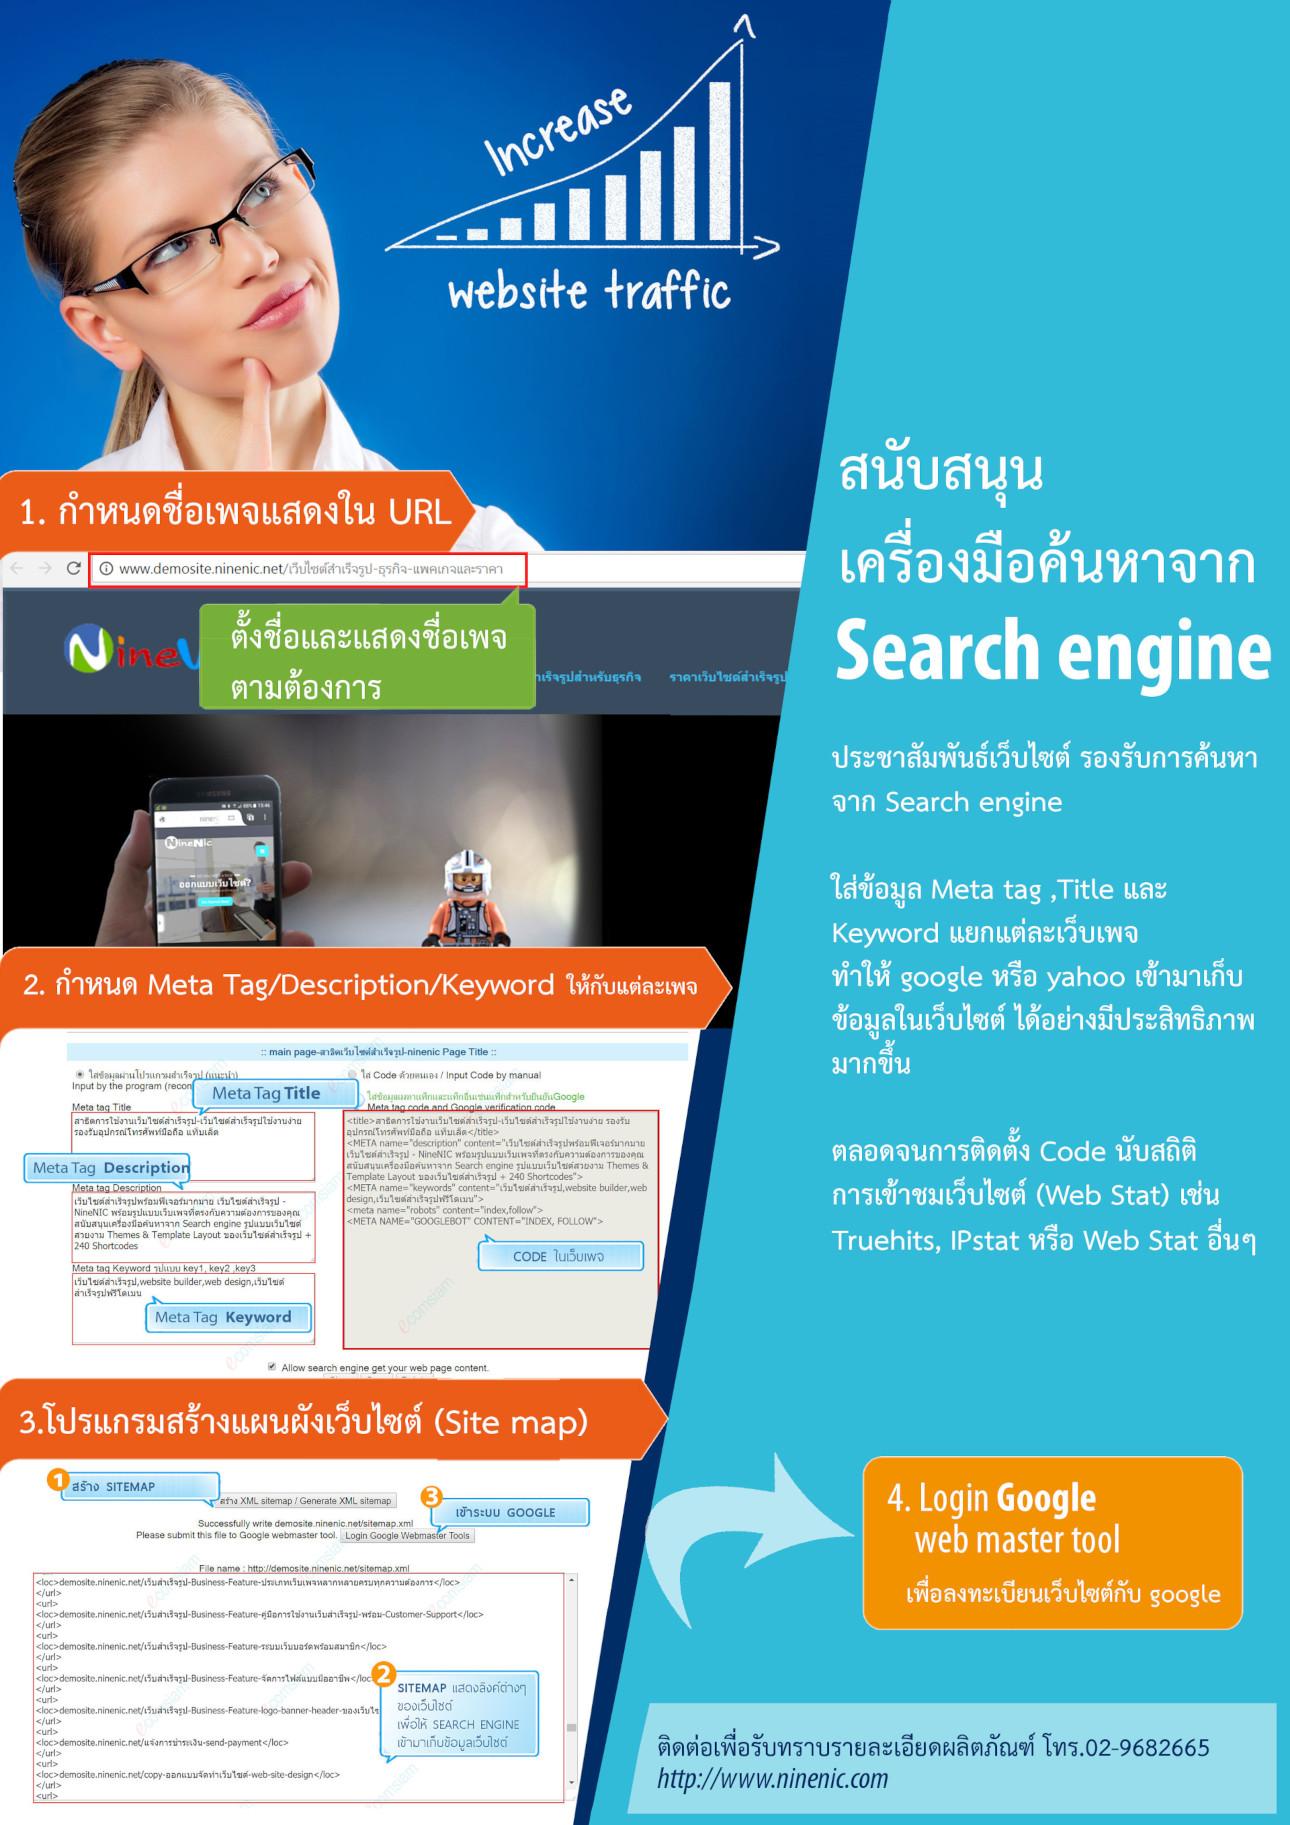 โบรชัวร์เว็บสำเร็จรูปสำหรับองค์กร ธุรกิจ-เว็บไซต์สำเร็จรูปไทย บริการ เว็บสำเร็จรูปใช้งานง่าย เว็บสำเร็จรูปสำหรับธุรกิจและอีคอมเมอร์ส รองรับอุปกรณ์โทรศัพท์มือถือ แท็บเล็ต บริการเว็บไซต์สำเร็จรูป สำหรับเปิดร้านค้าออนไลน์ ขายของออนไลน์ ขายสินค้าออนไลน์ พร้อมตระกร้าสินค้า ecommerce solution - เว็บสำเร็จรูป ฟรีโดเมน ฟรี SSL ฟรีเว็บไซต์เทมเพลต Layout สำเร็จรูป แนะนำเว็บสำเร็จรูปและการสร้างเว็บไซต์ ออกแบบเว็บไซต์ บริการดี ดูแลดี แนะนำโดย เว็บไซต์สำเร็จรูปไทย.com เว็บไซต์สำเร็จรูปพร้อมฟีเจอร์มากมาย เว็บไซต์สำเร็จรูปที่มี รูปแบบเว็บเพจที่ตรงกับความต้องการของคุณ สนับสนุนเครื่องมือค้นหาจาก Search engine รูปแบบเว็บไซต์สวยงาม Themes & Template พร้อม Layout ของเว็บไซต์สำเร็จรูป